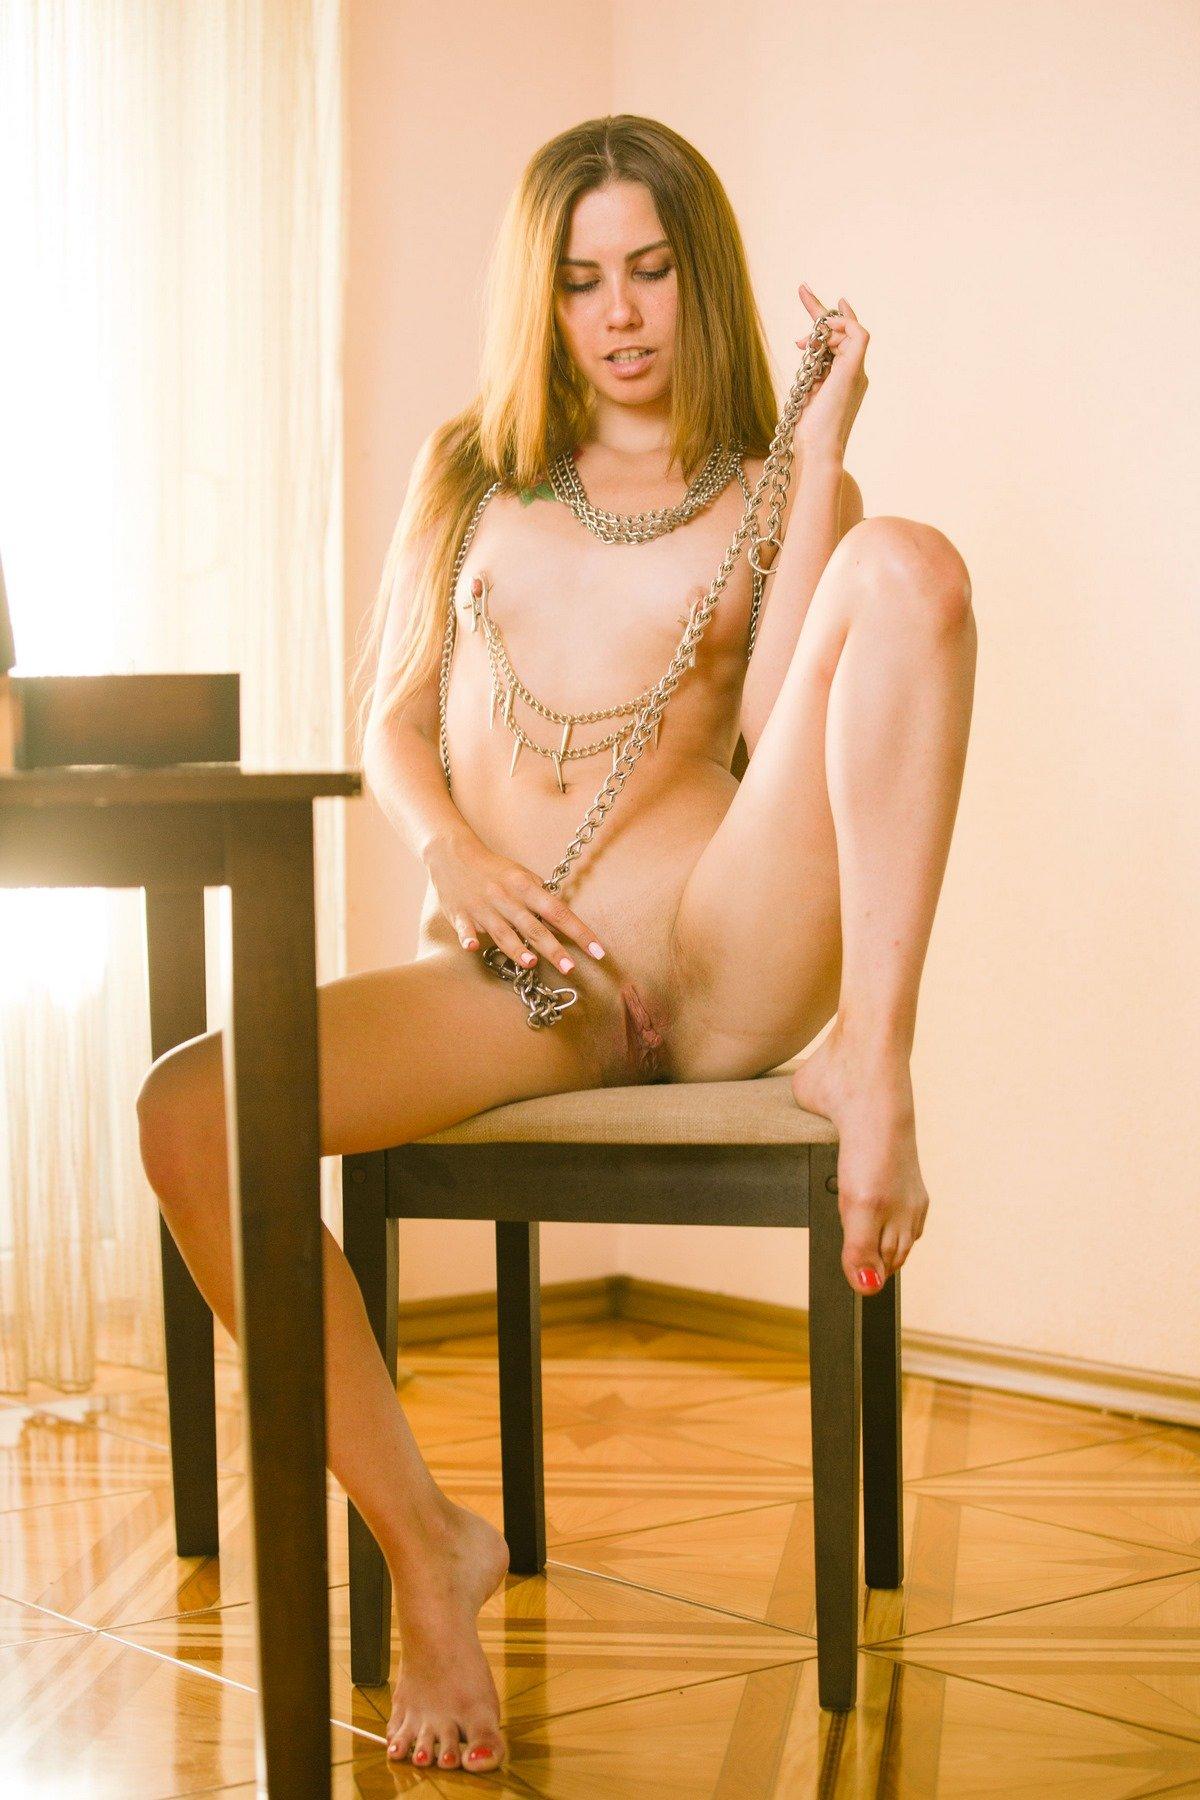 Раздетая модель со свелыми волосами украсила сосочки цепочкой